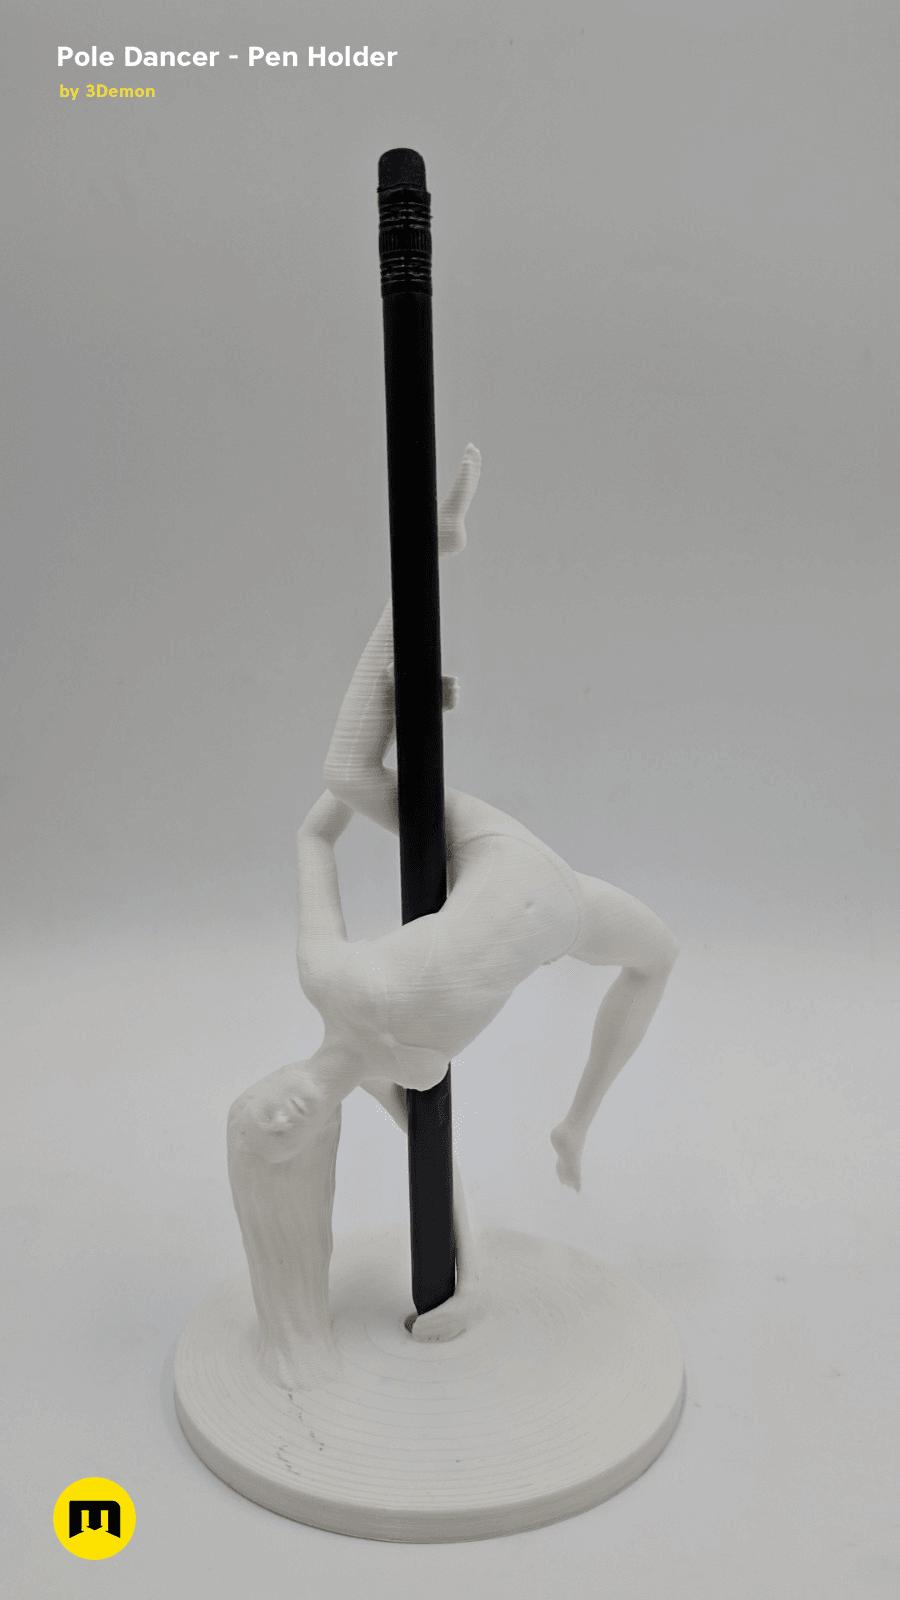 IMG_20190219_142139.png Download STL file Pole Dancer - Pen Holder • Object to 3D print, 3D-mon